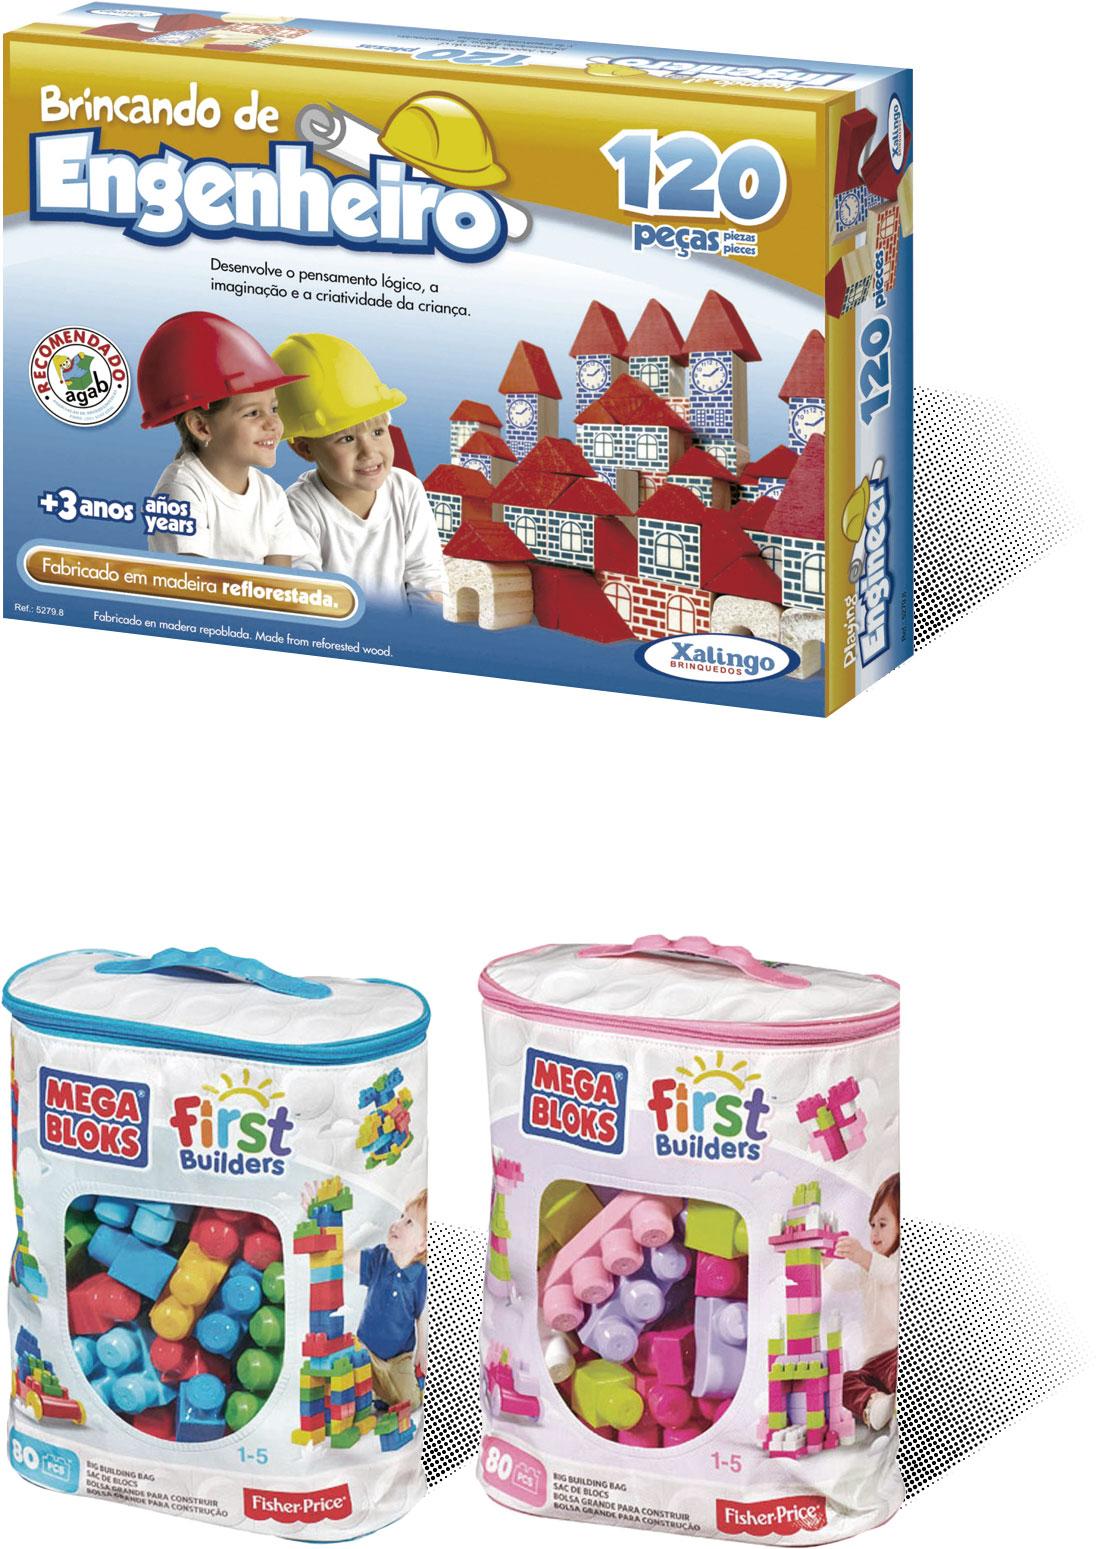 Brinquedos Megablocks e Brincando de Engenheiro